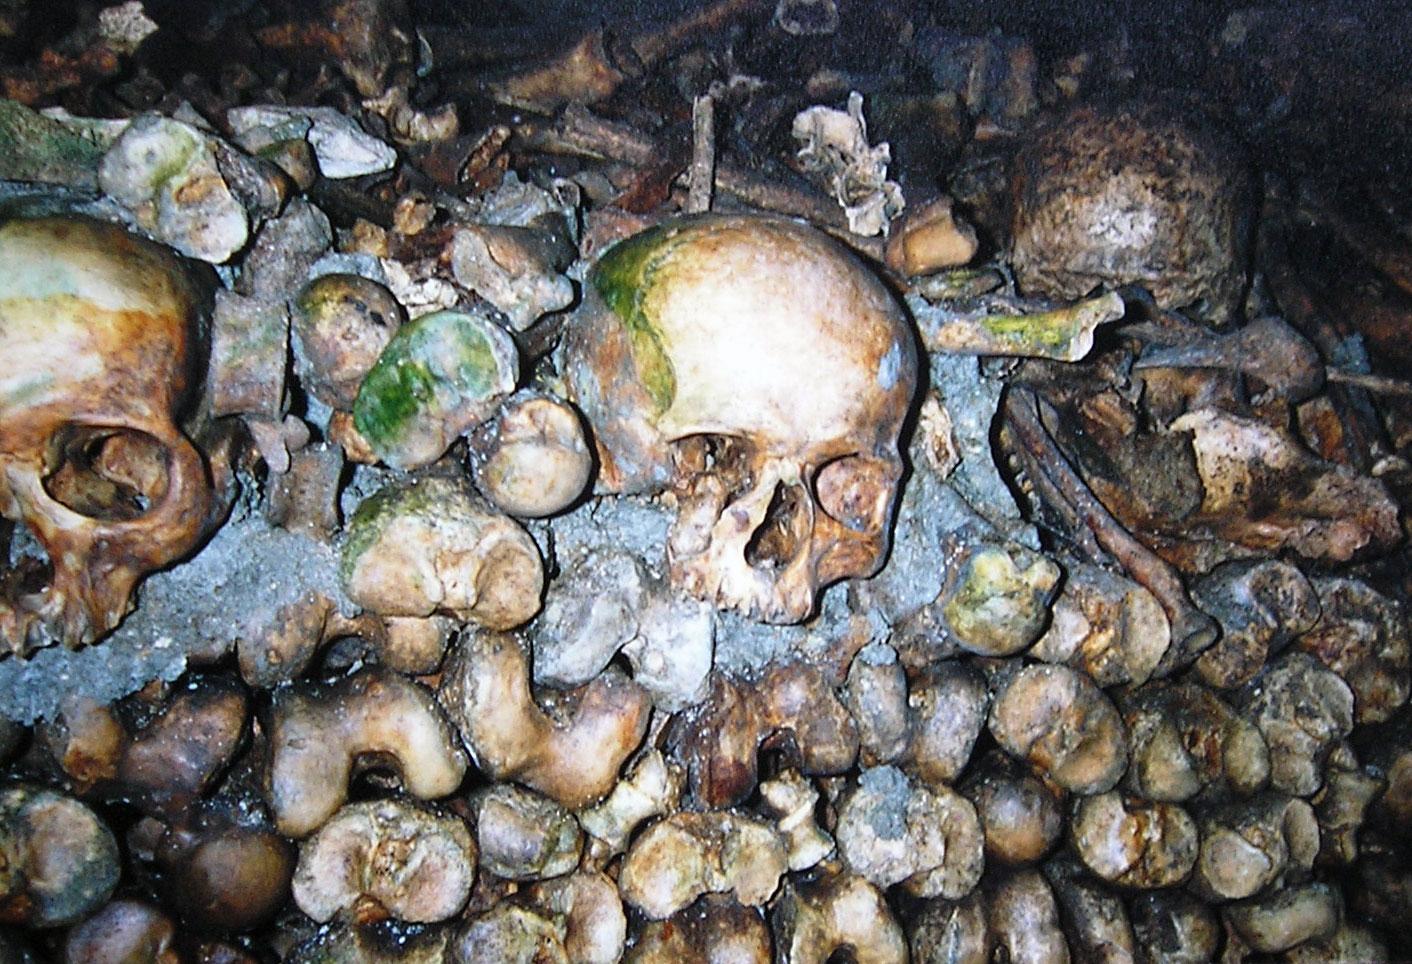 https://upload.wikimedia.org/wikipedia/commons/6/63/Paris_catacombes.jpg